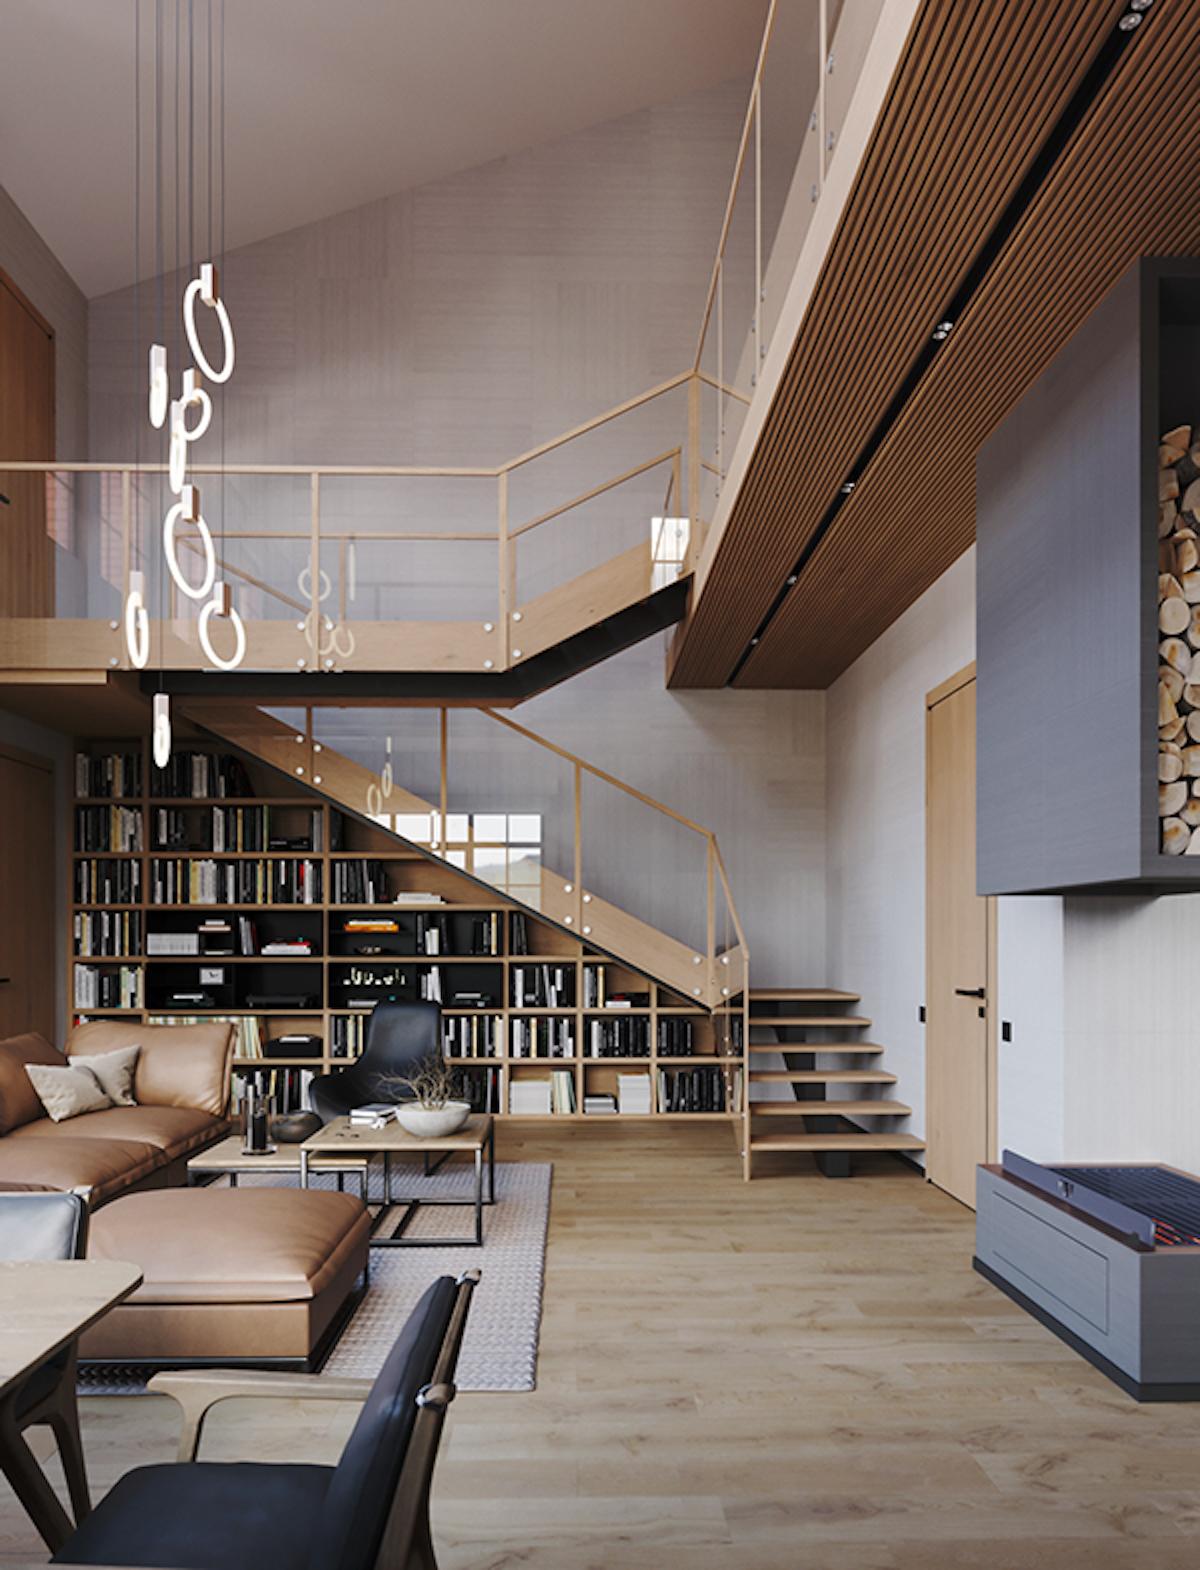 bibliothèque intégrée sous escalier bois et verre architecture intérieur